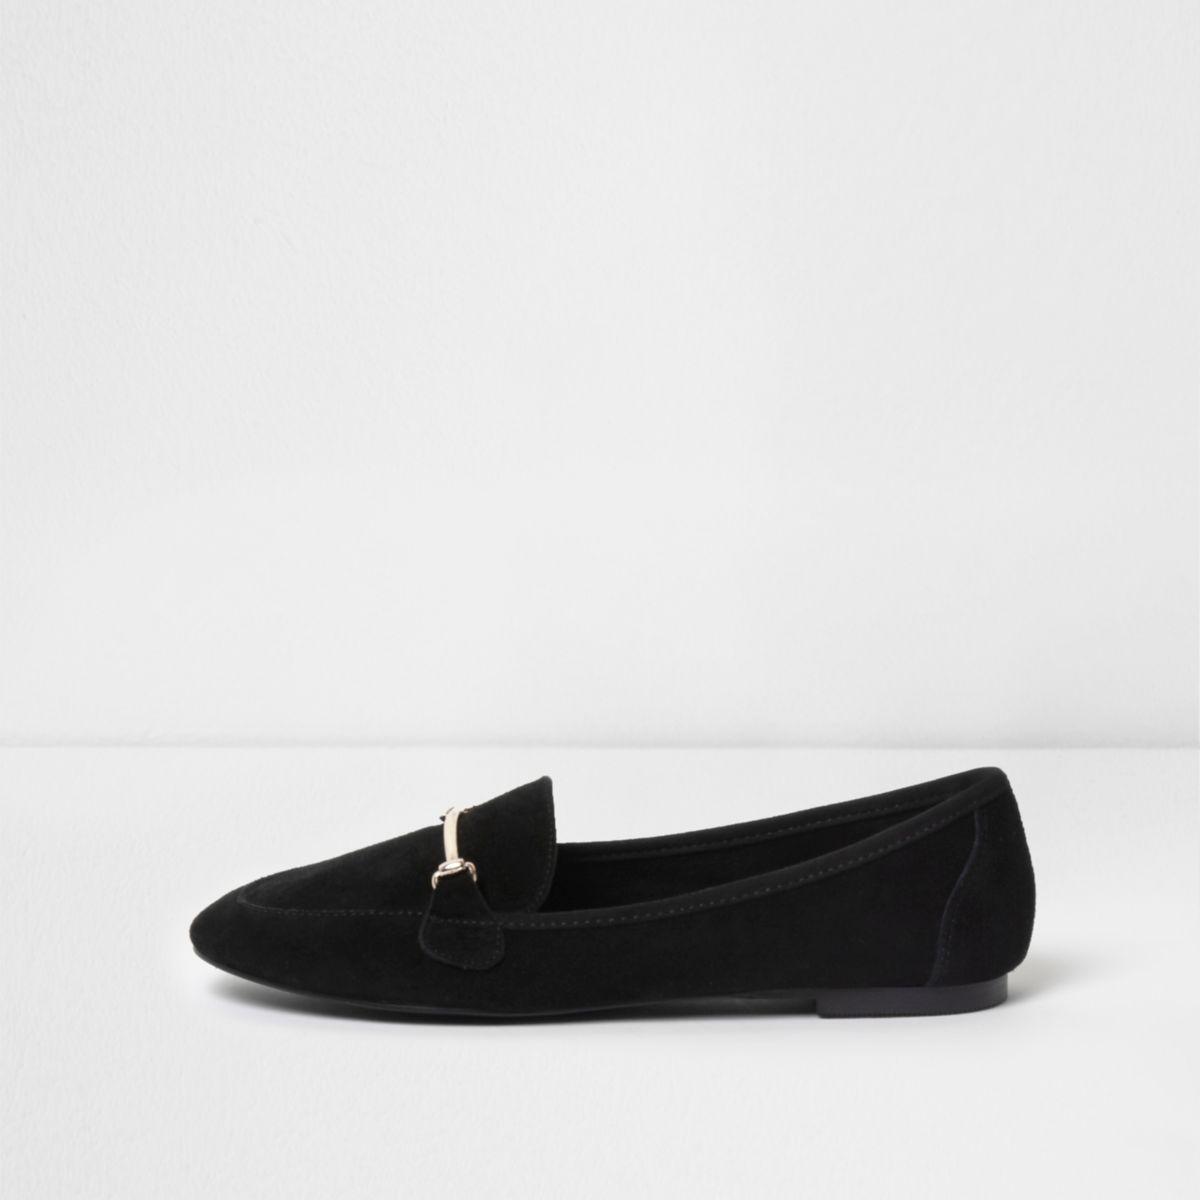 Black suede snaffle slippers